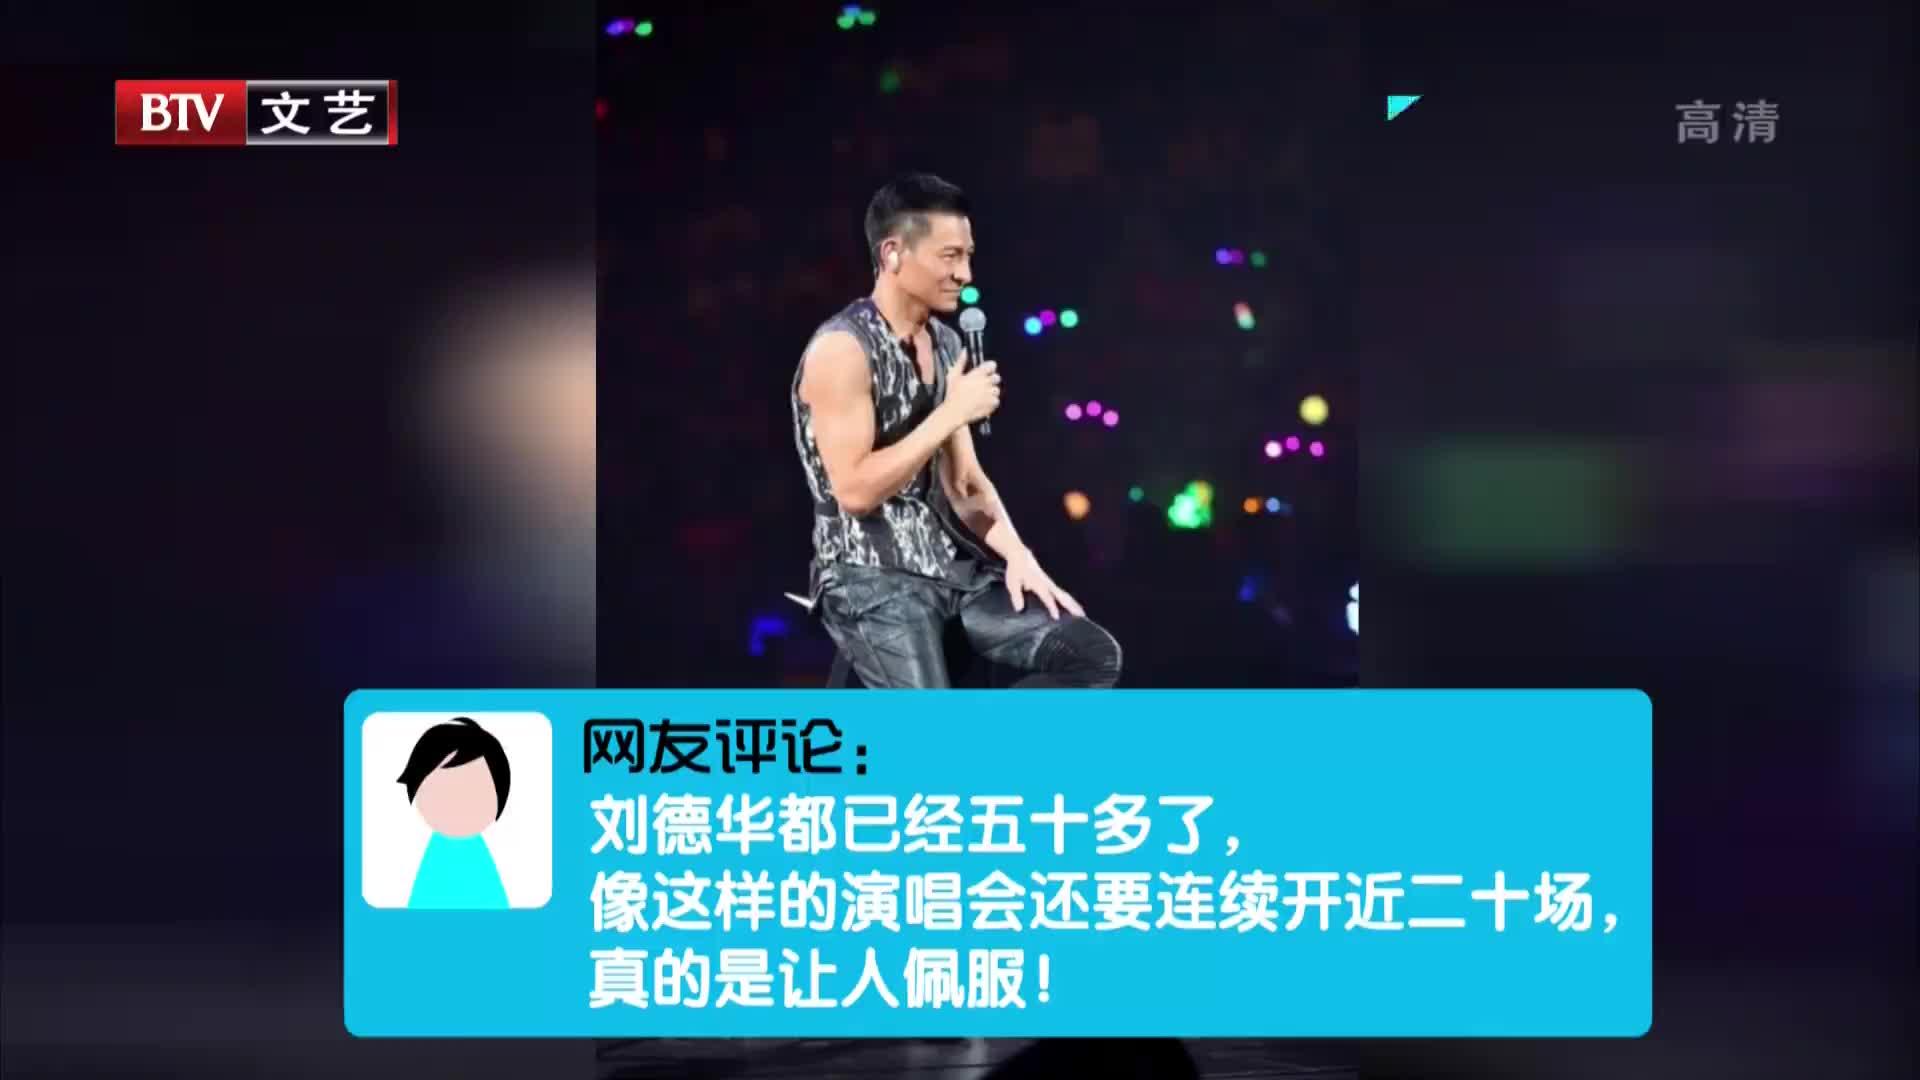 [视频]刘德华世界演唱会开始 票价太高网友直呼看不起